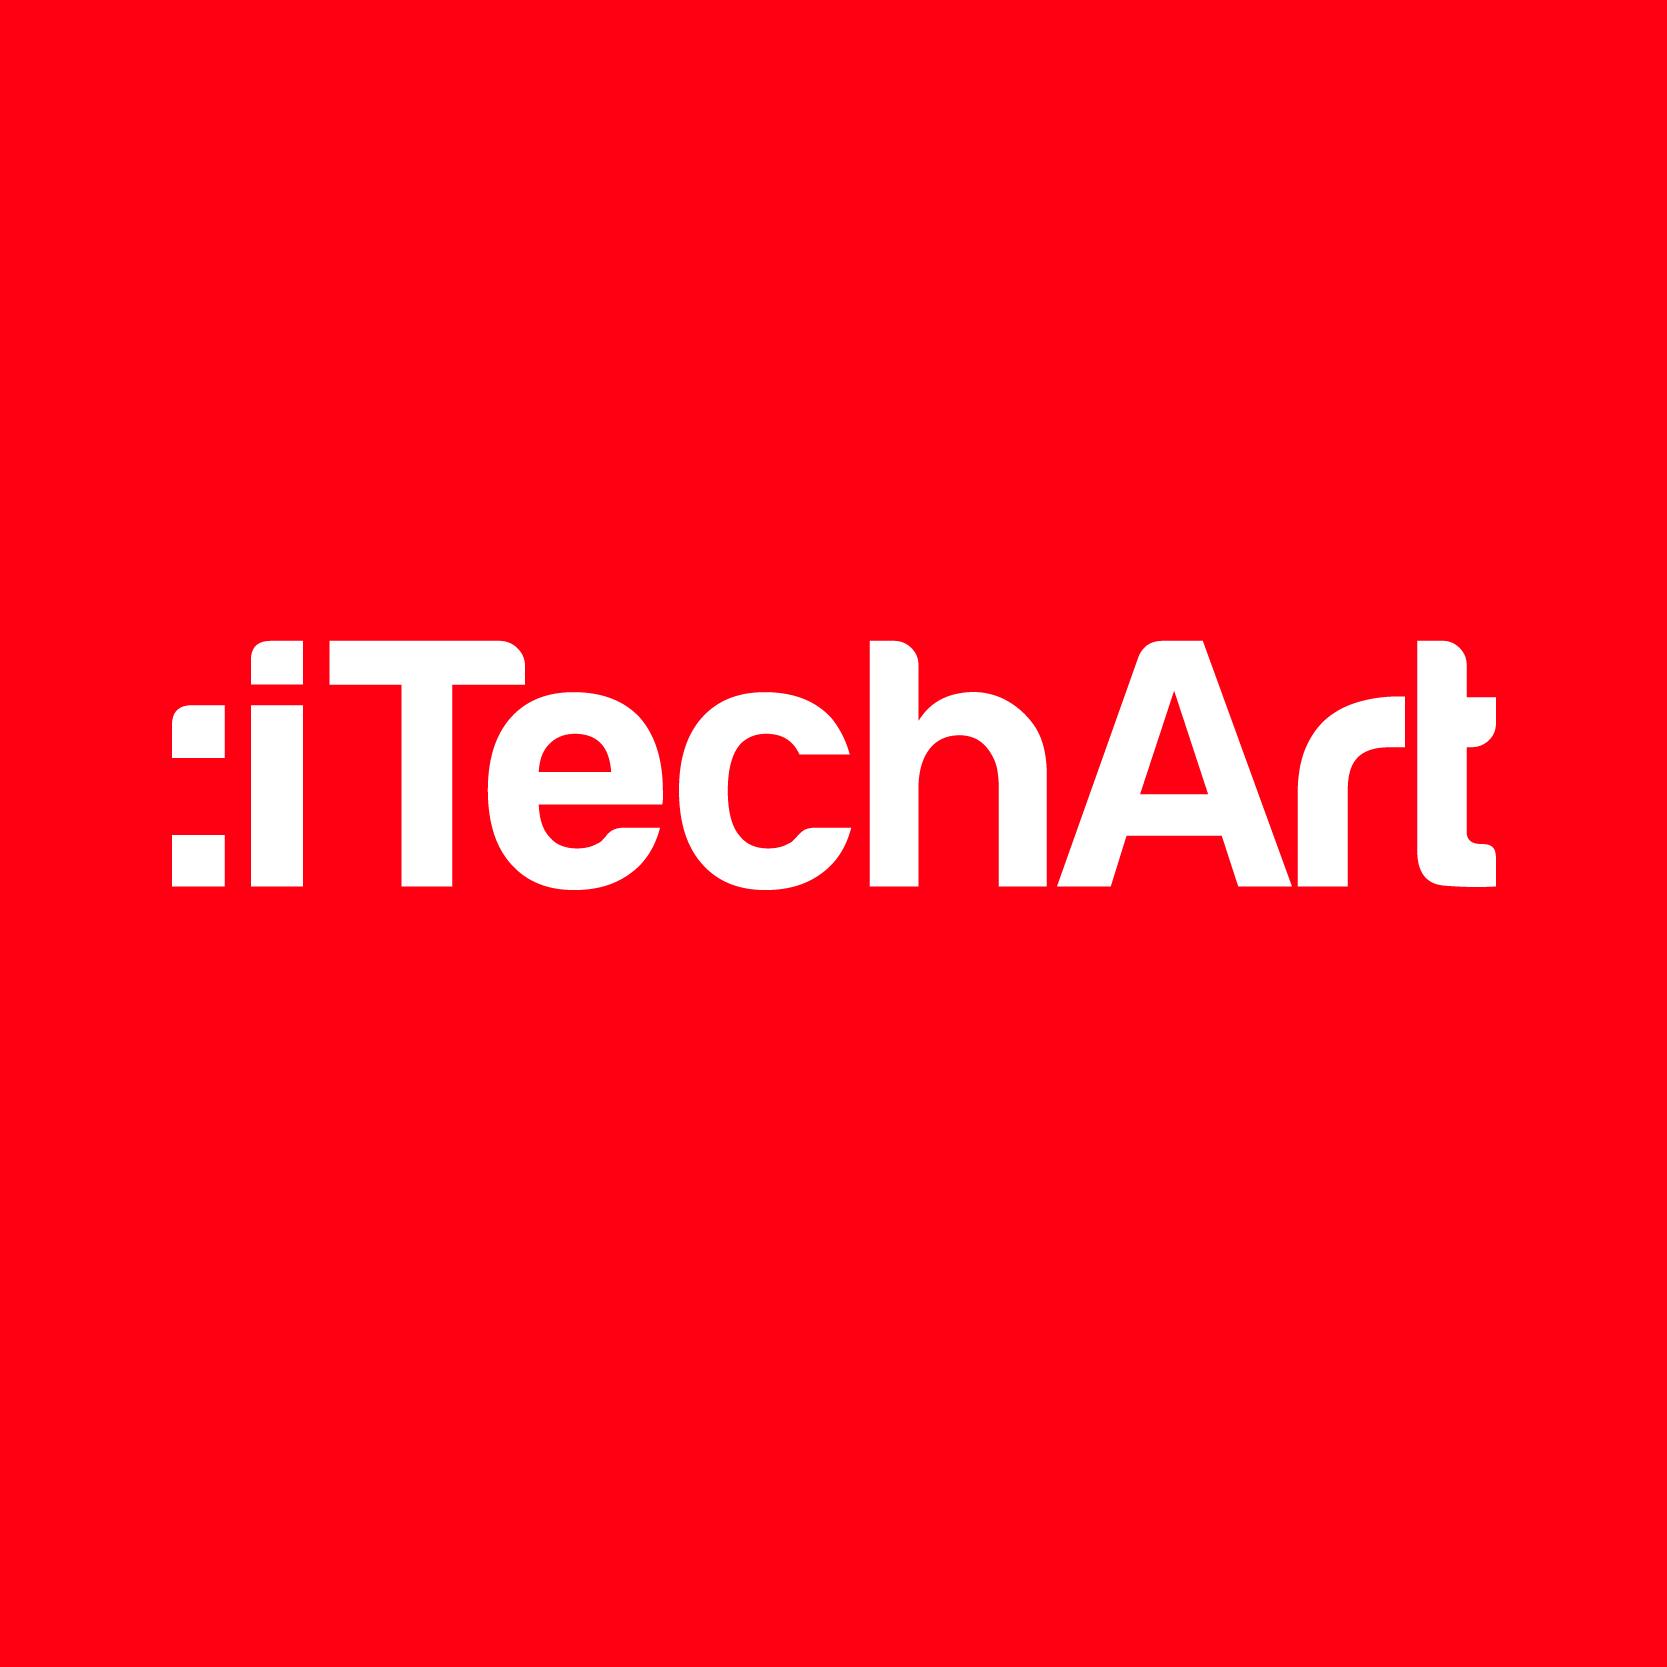 iTechArt Group logo